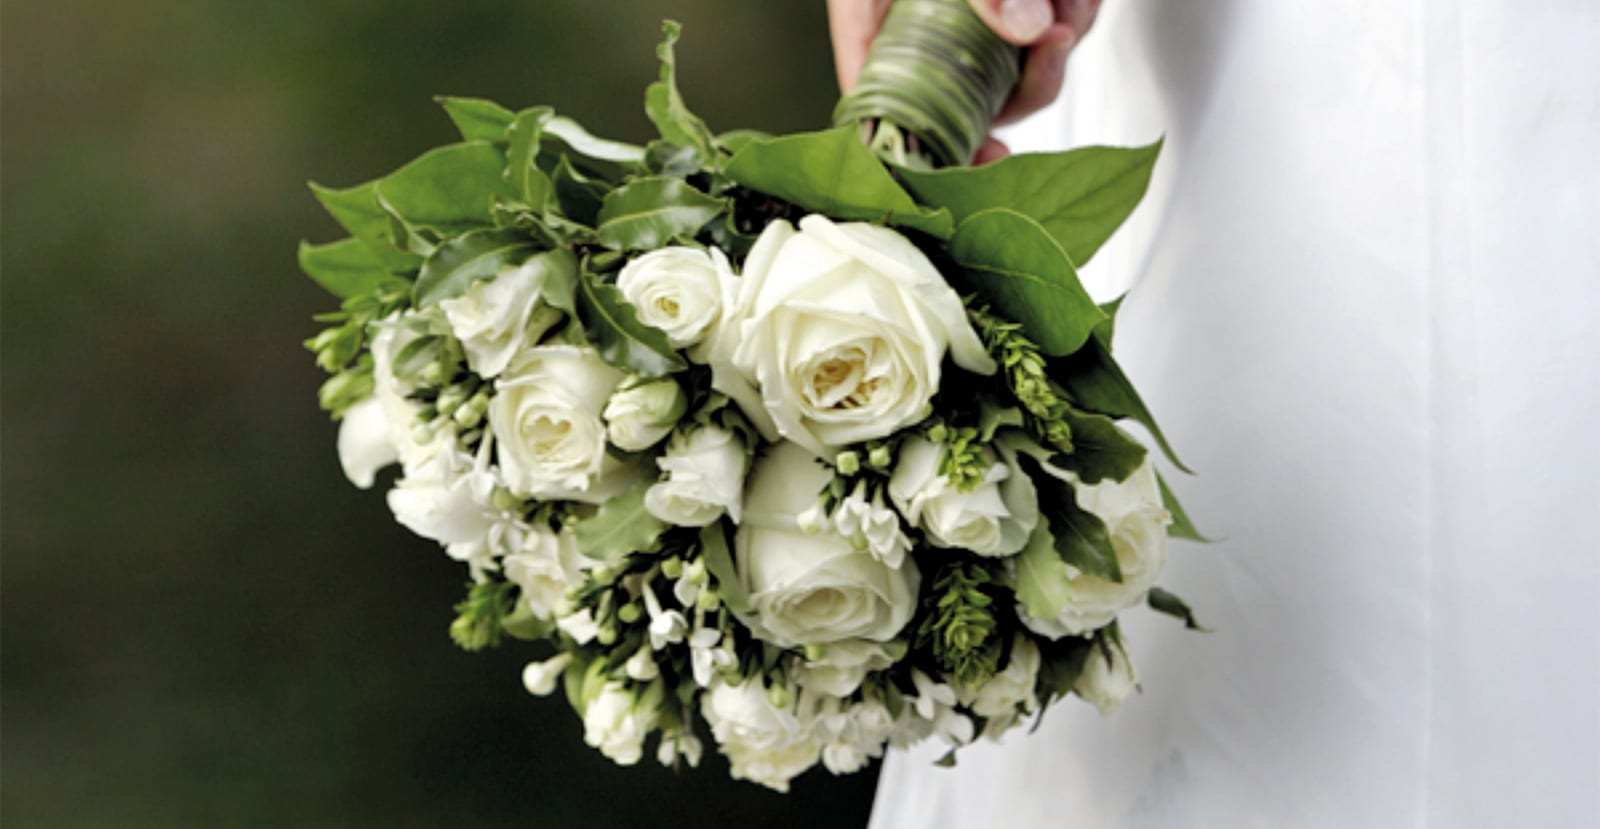 Boka ert sagobröllop på Södertuna Slott utanför Gnesta